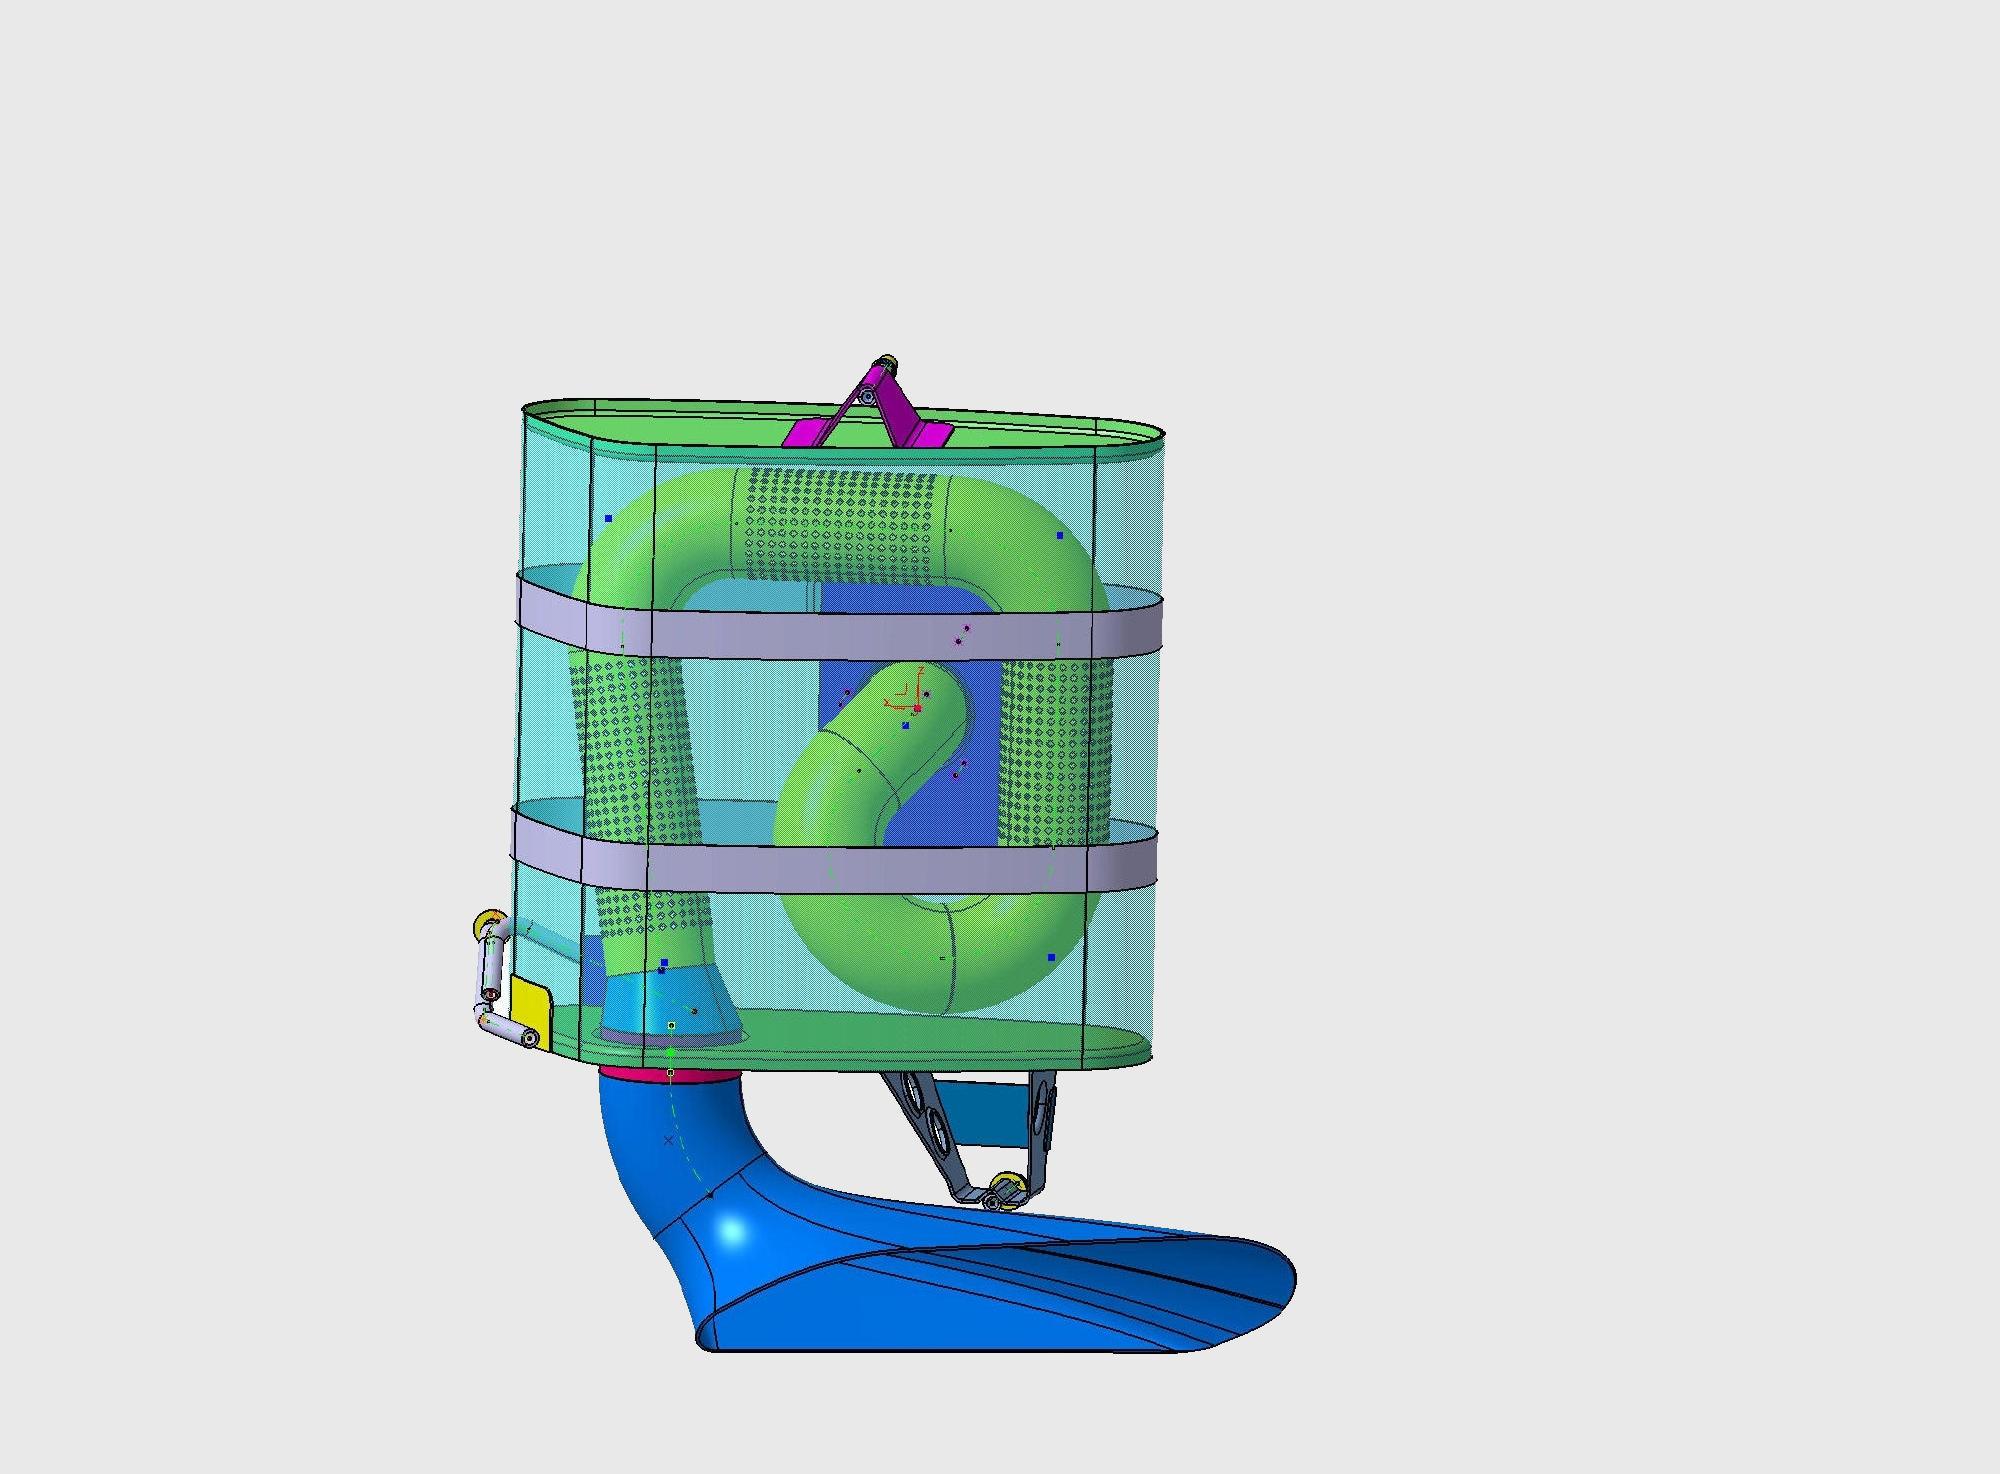 SLR-Auspuff-Grafik